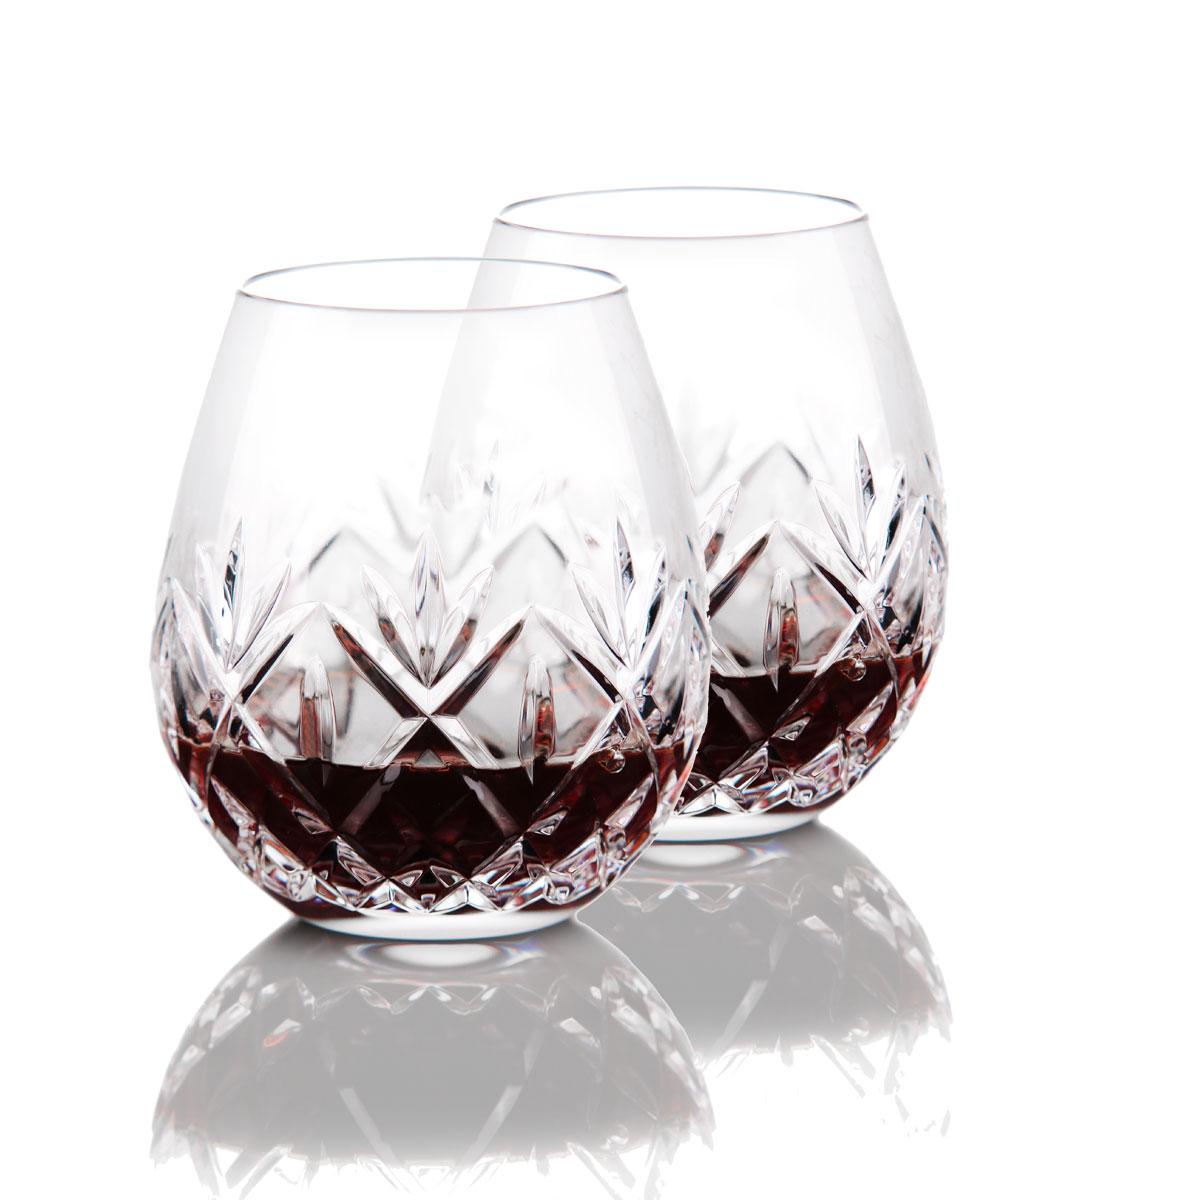 Waterford Crystal, Huntley Stemless Red Wine Glasses, Pair